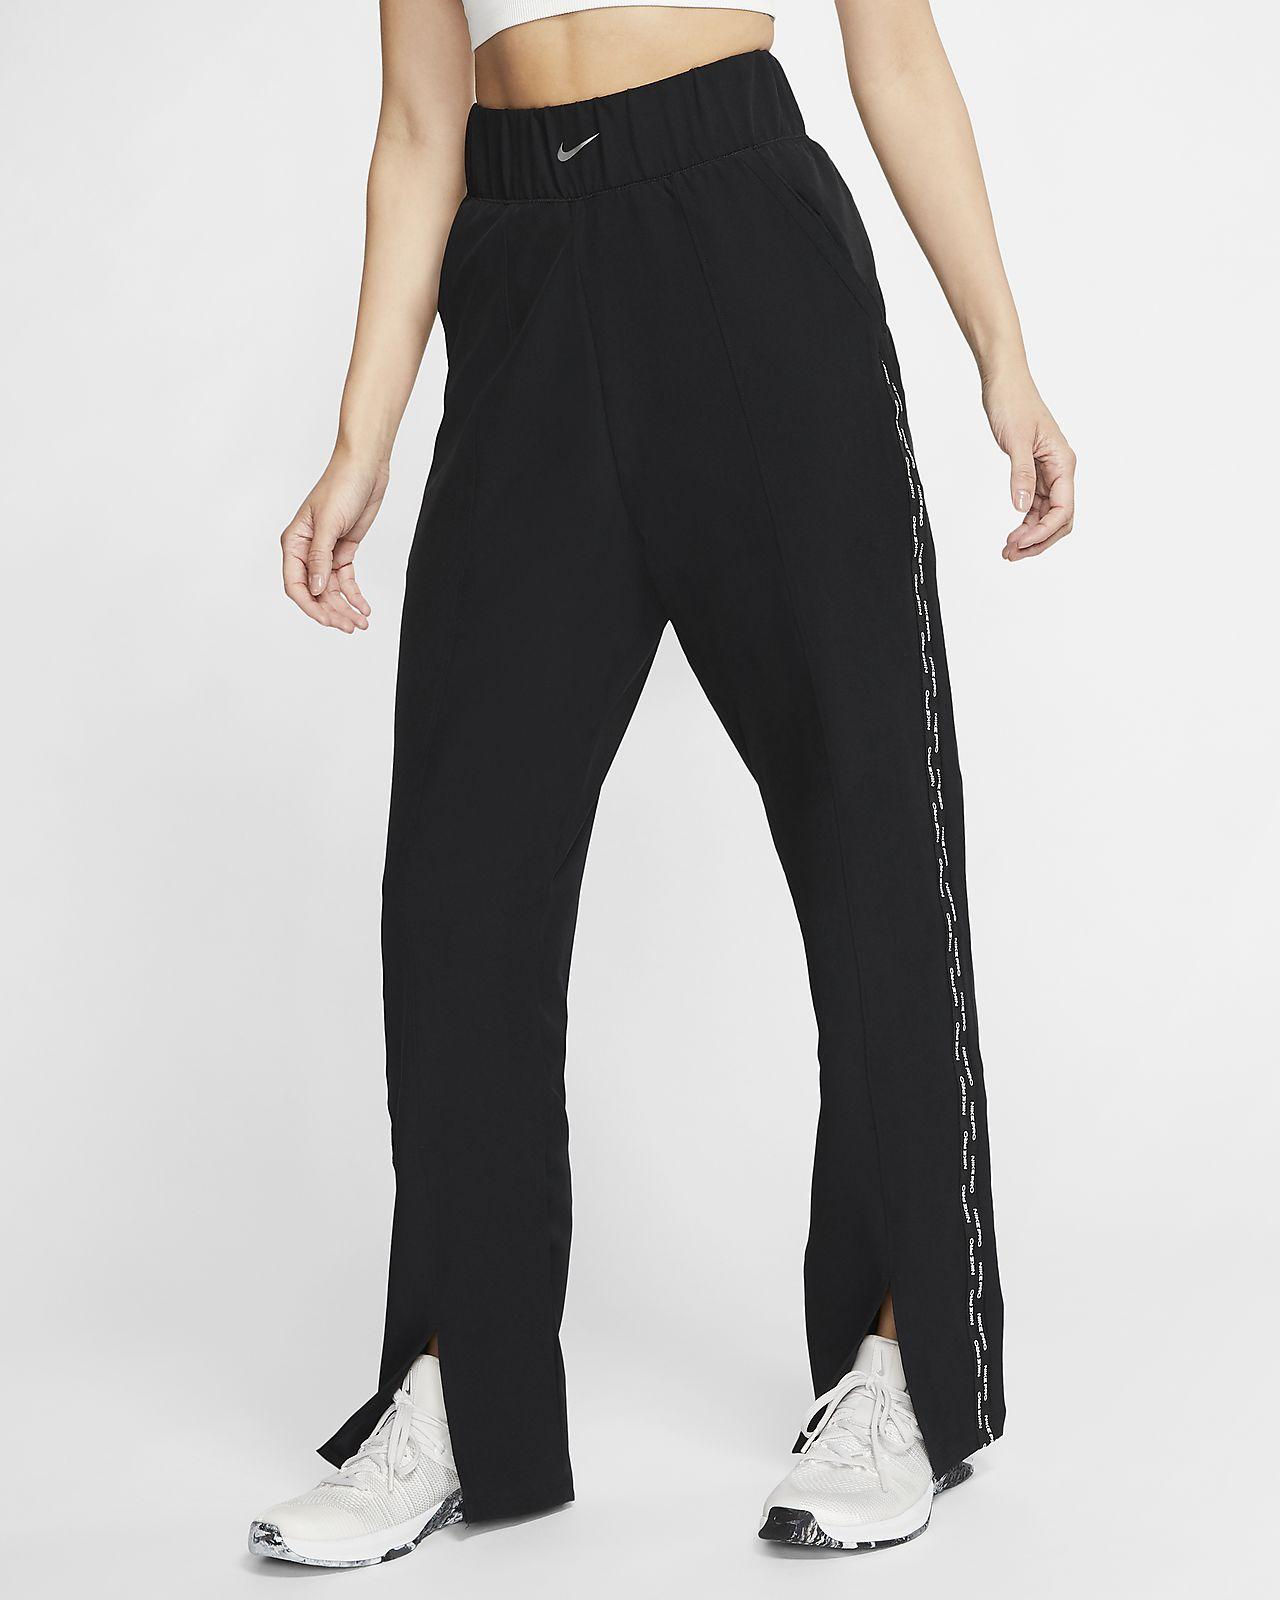 Γυναικείο υφαντό παντελόνι Nike Pro